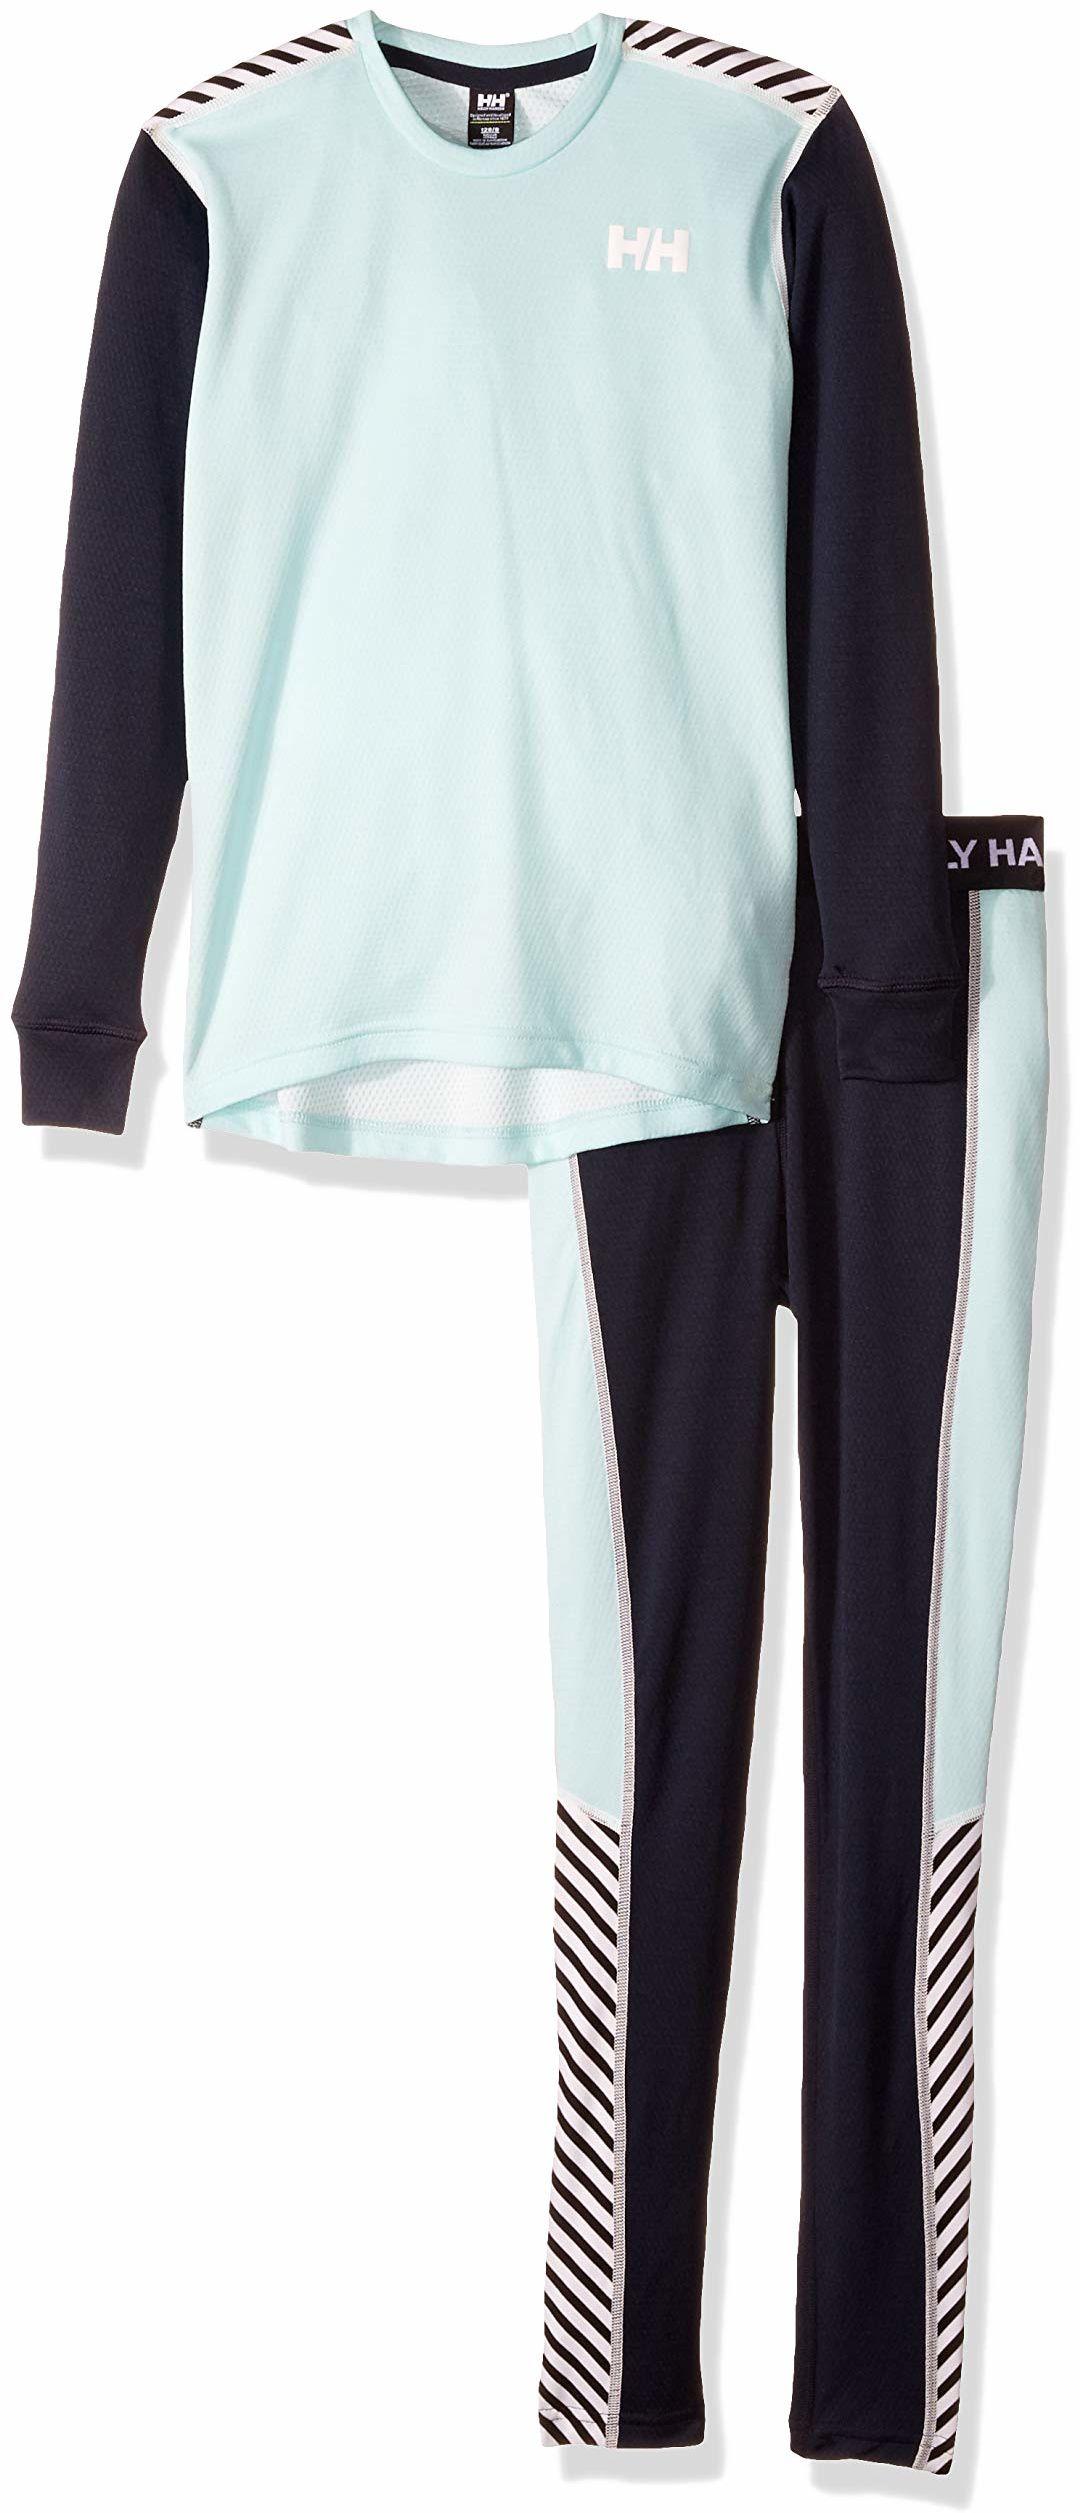 Hellyhansen chłopięcy aktywny garnitur, niebieski odcień, rozmiar 8